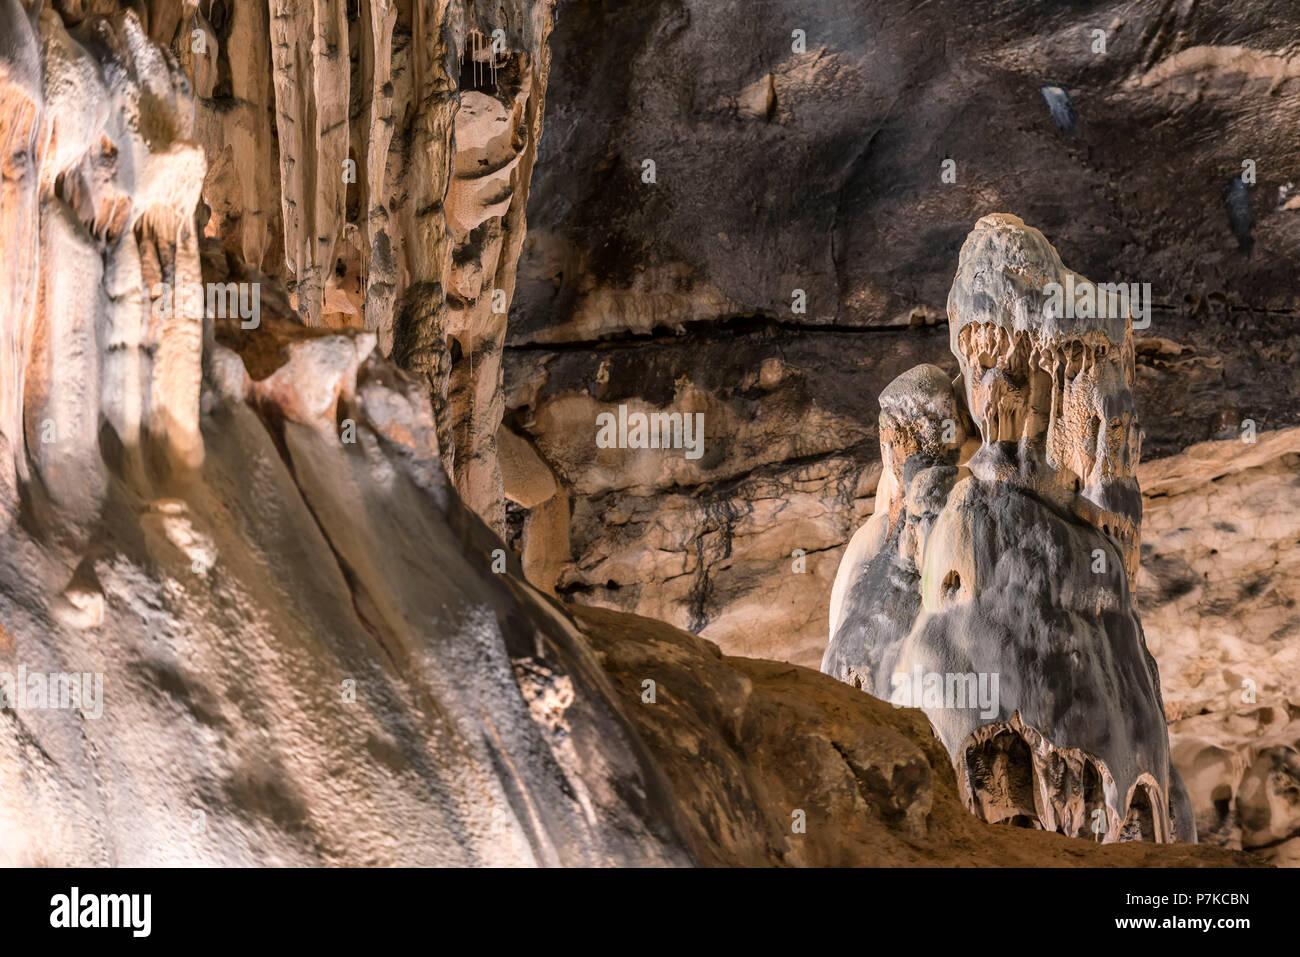 Saint-Marcel-d'Ardèche, Ardèche, France, La Grotte de Saint-Marcel-d'Ardèche on the Ardèche, Arrondissement Privas - Stock Image